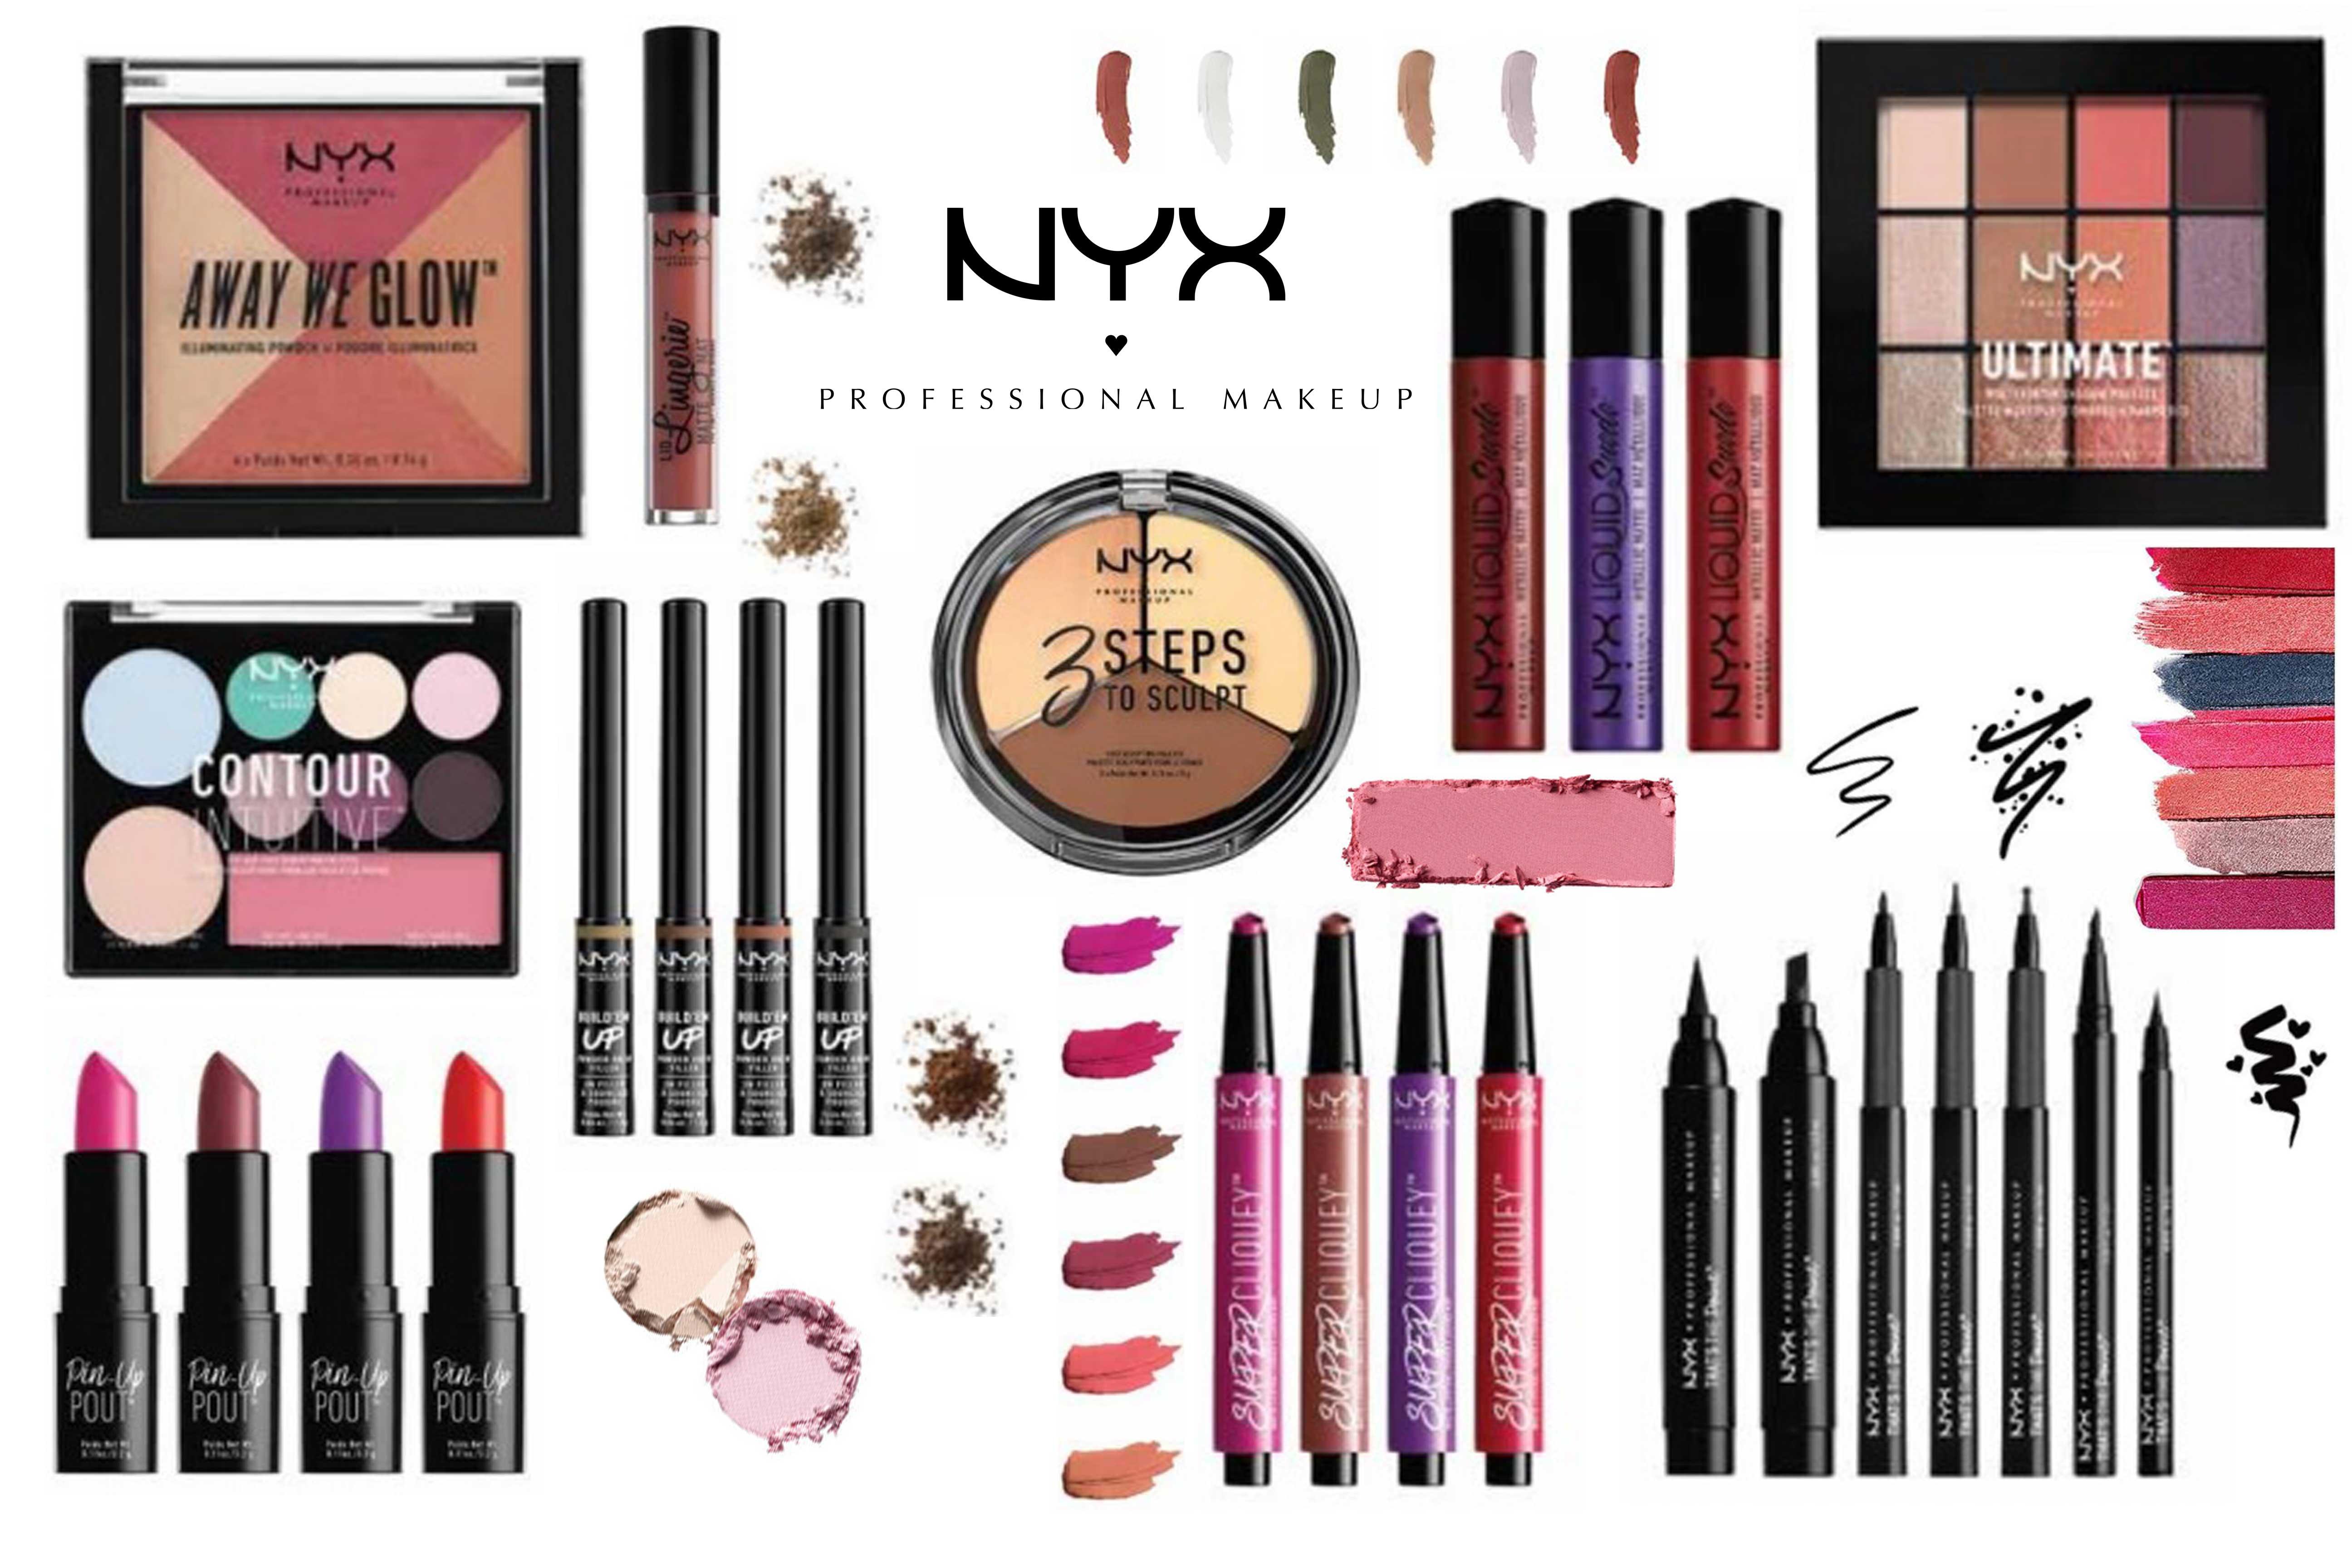 косметика nyx купить наложенным платежом